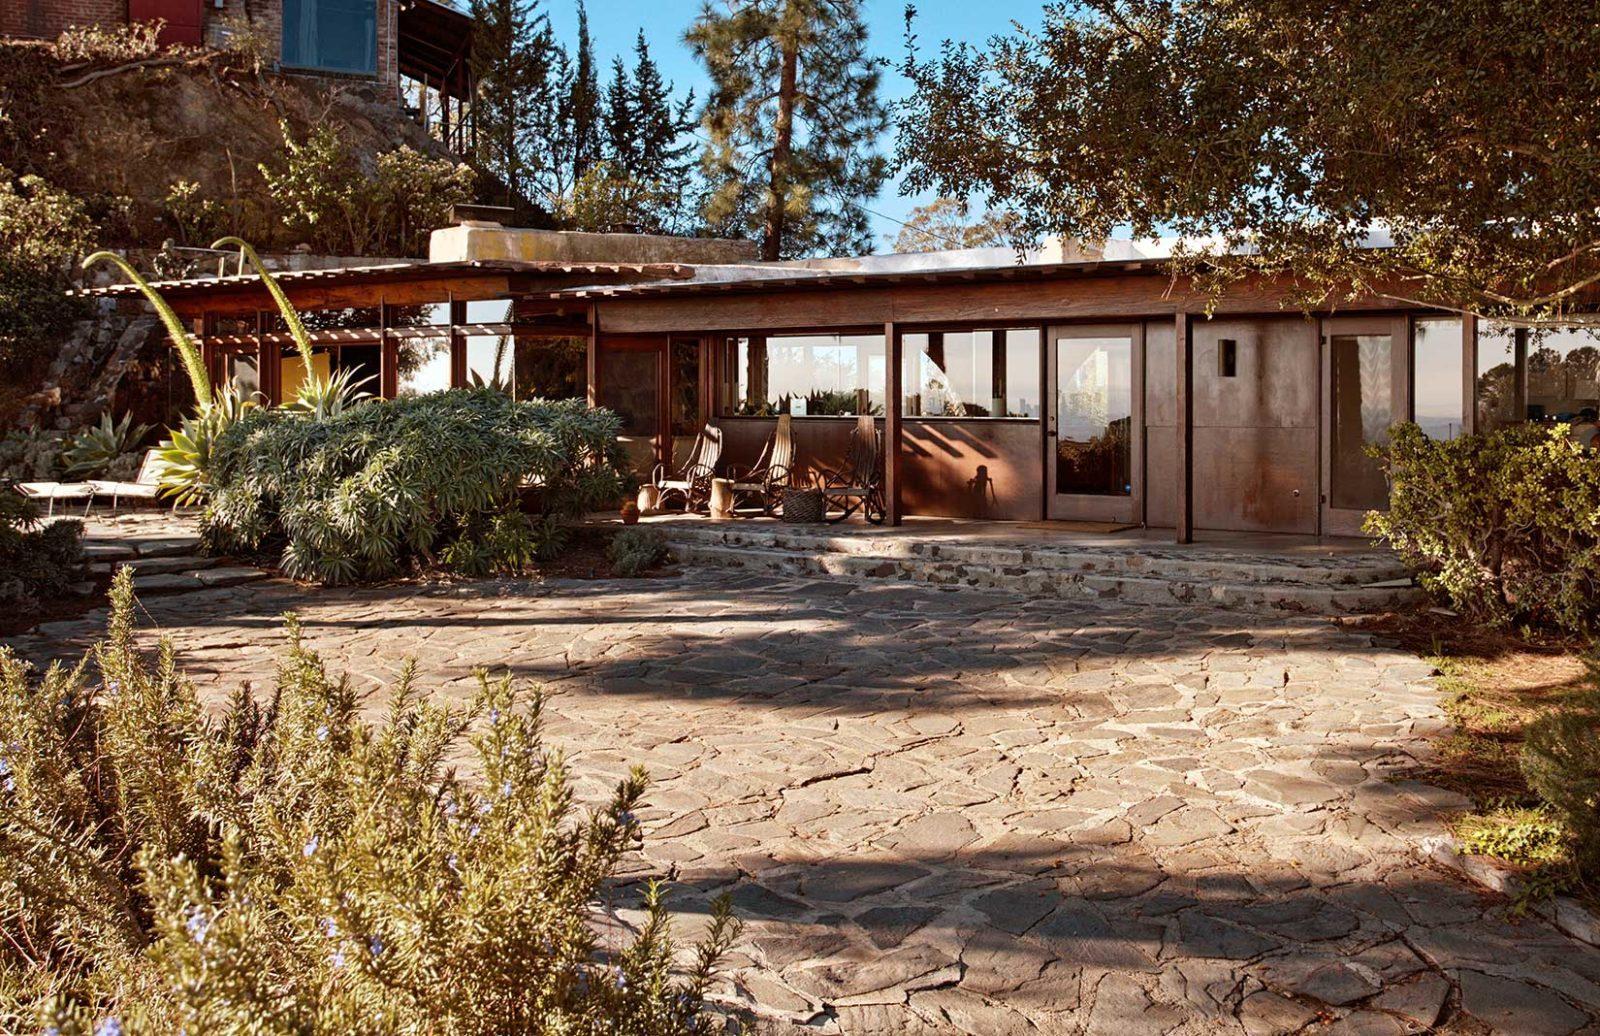 De Jonghe Residence in LA